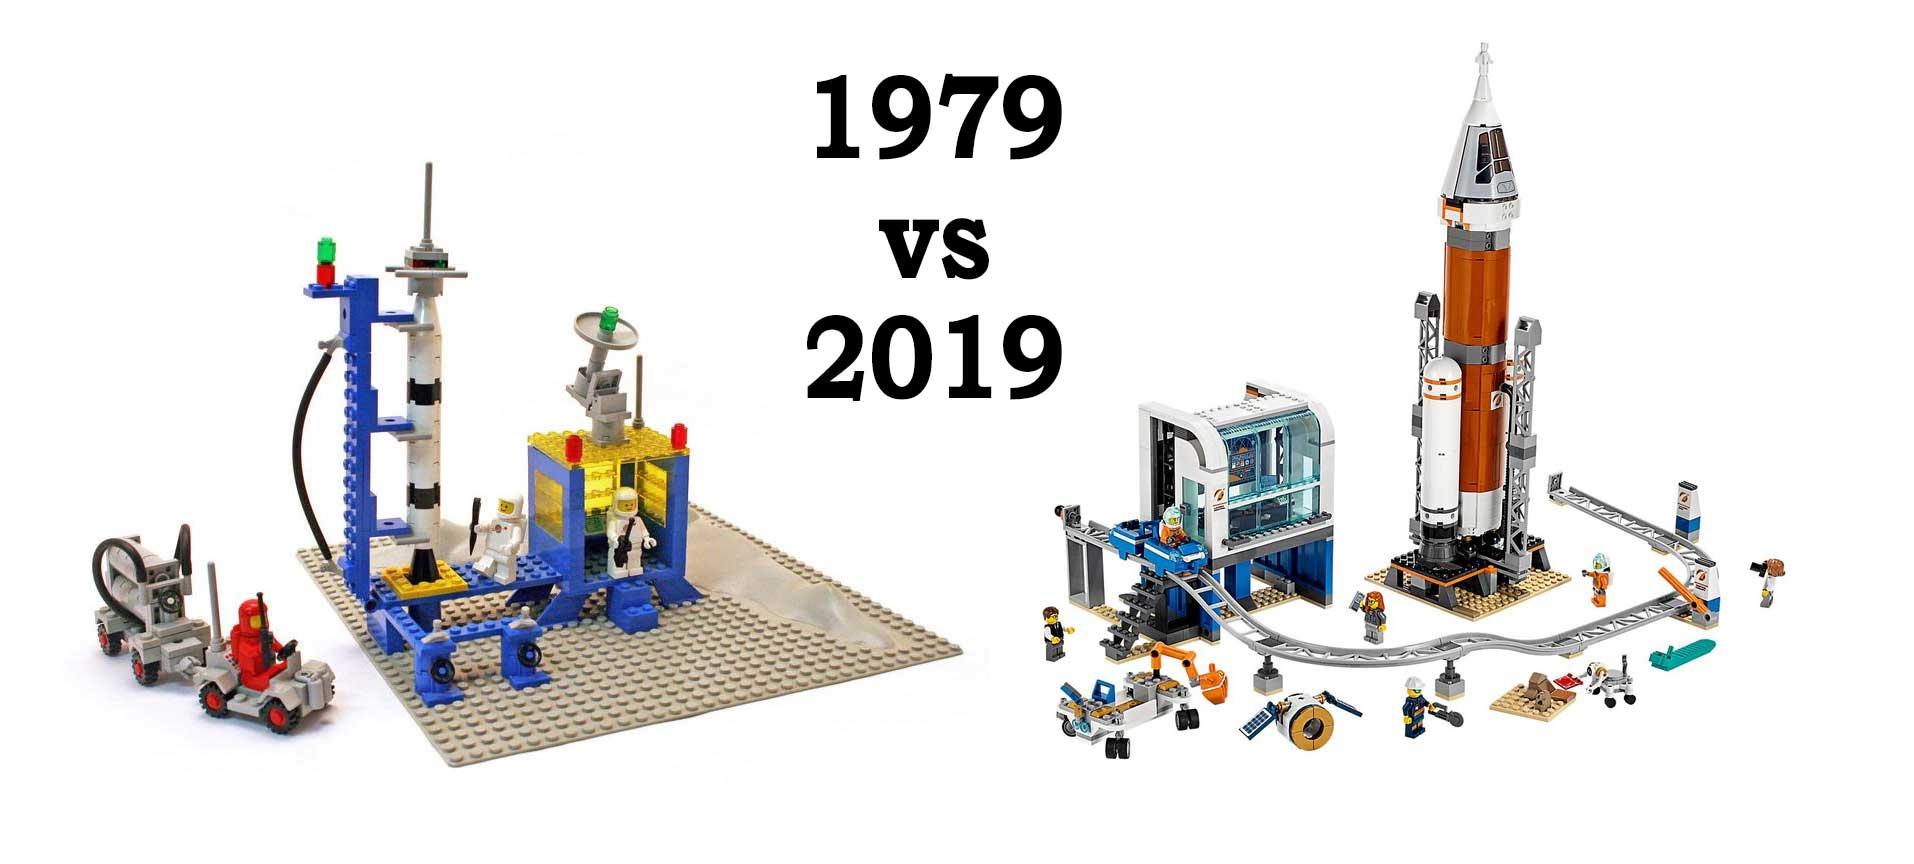 Space 1979 vs 2019